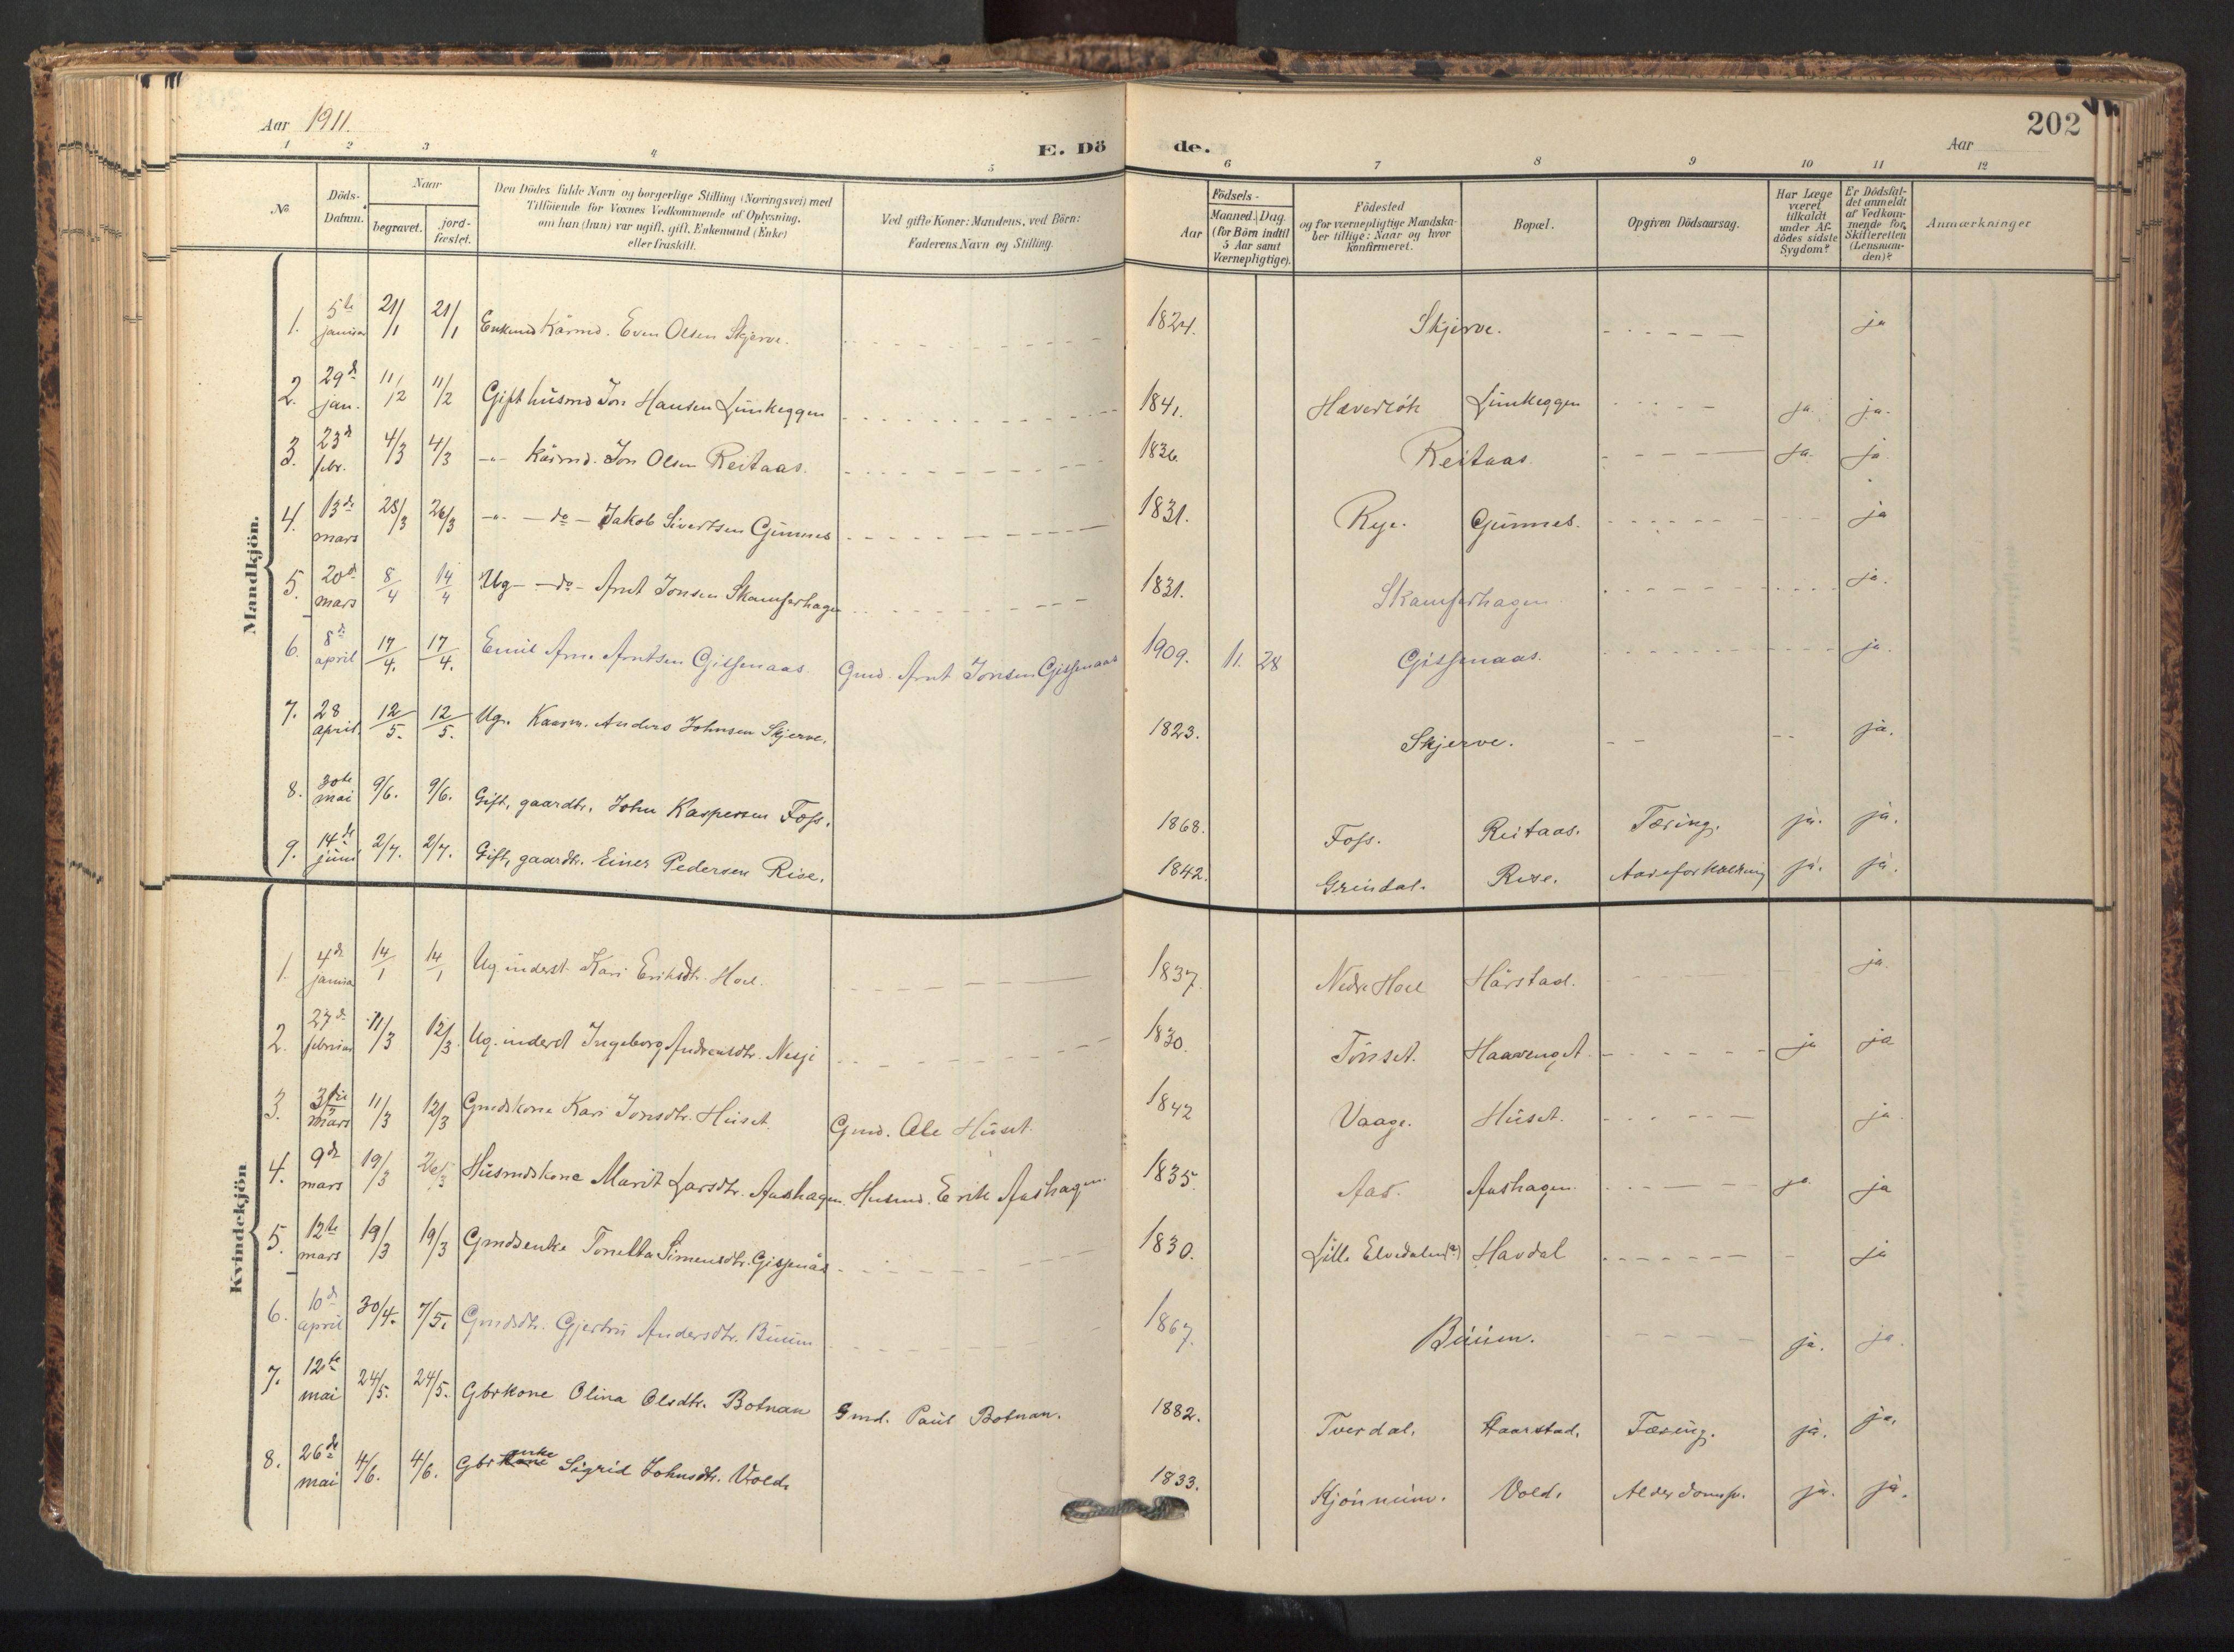 SAT, Ministerialprotokoller, klokkerbøker og fødselsregistre - Sør-Trøndelag, 674/L0873: Ministerialbok nr. 674A05, 1908-1923, s. 202